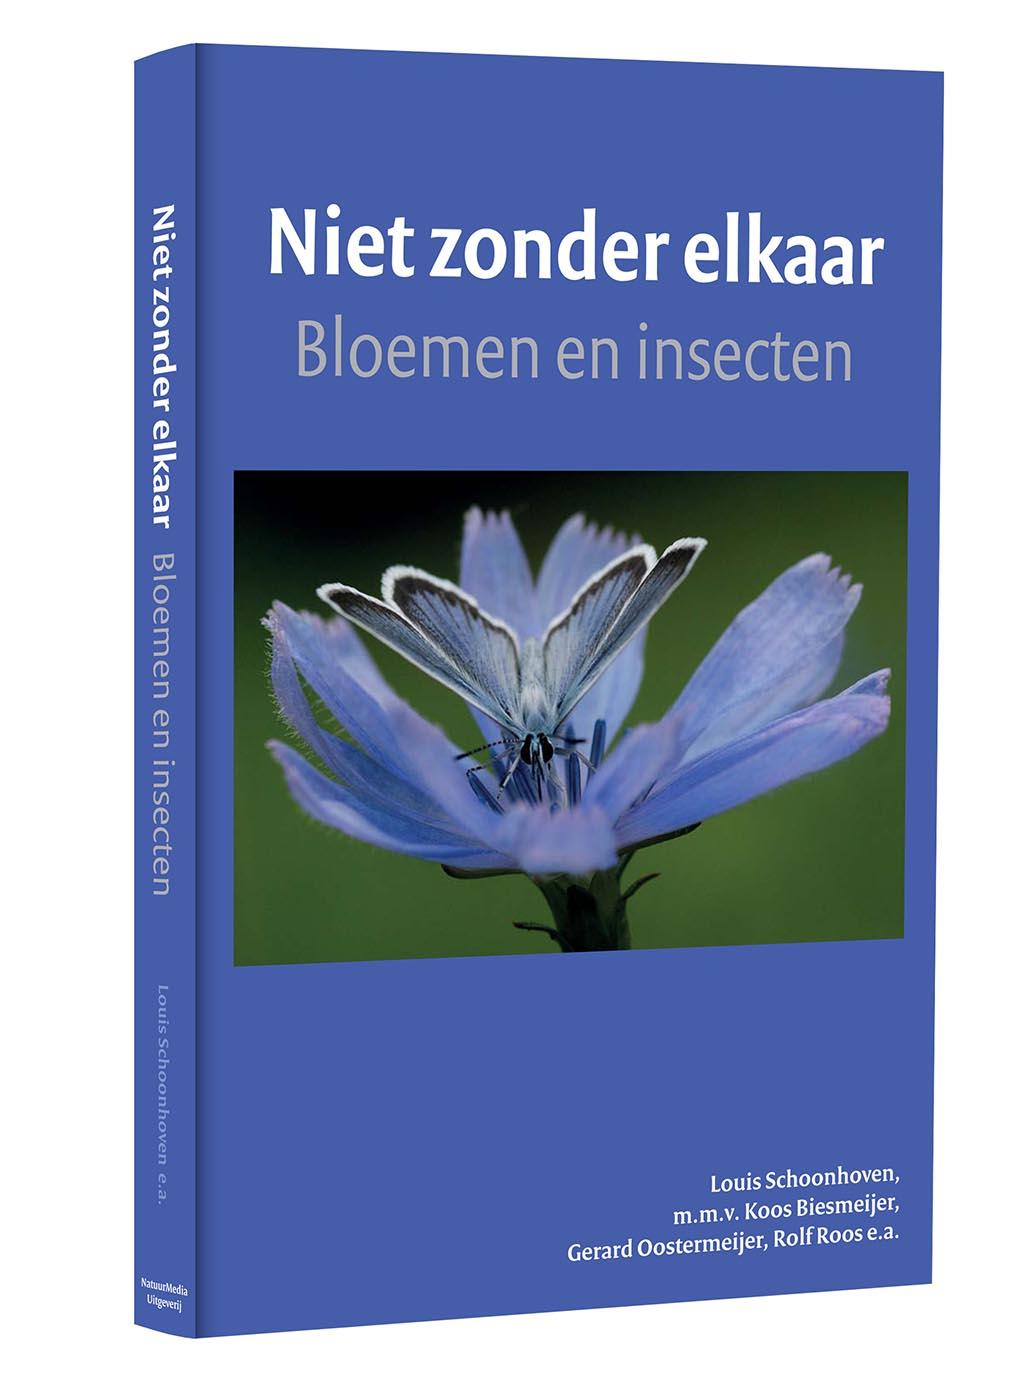 Niet-zonder-elkaar-bloemen-en-insecten-voorblad-3D-groot